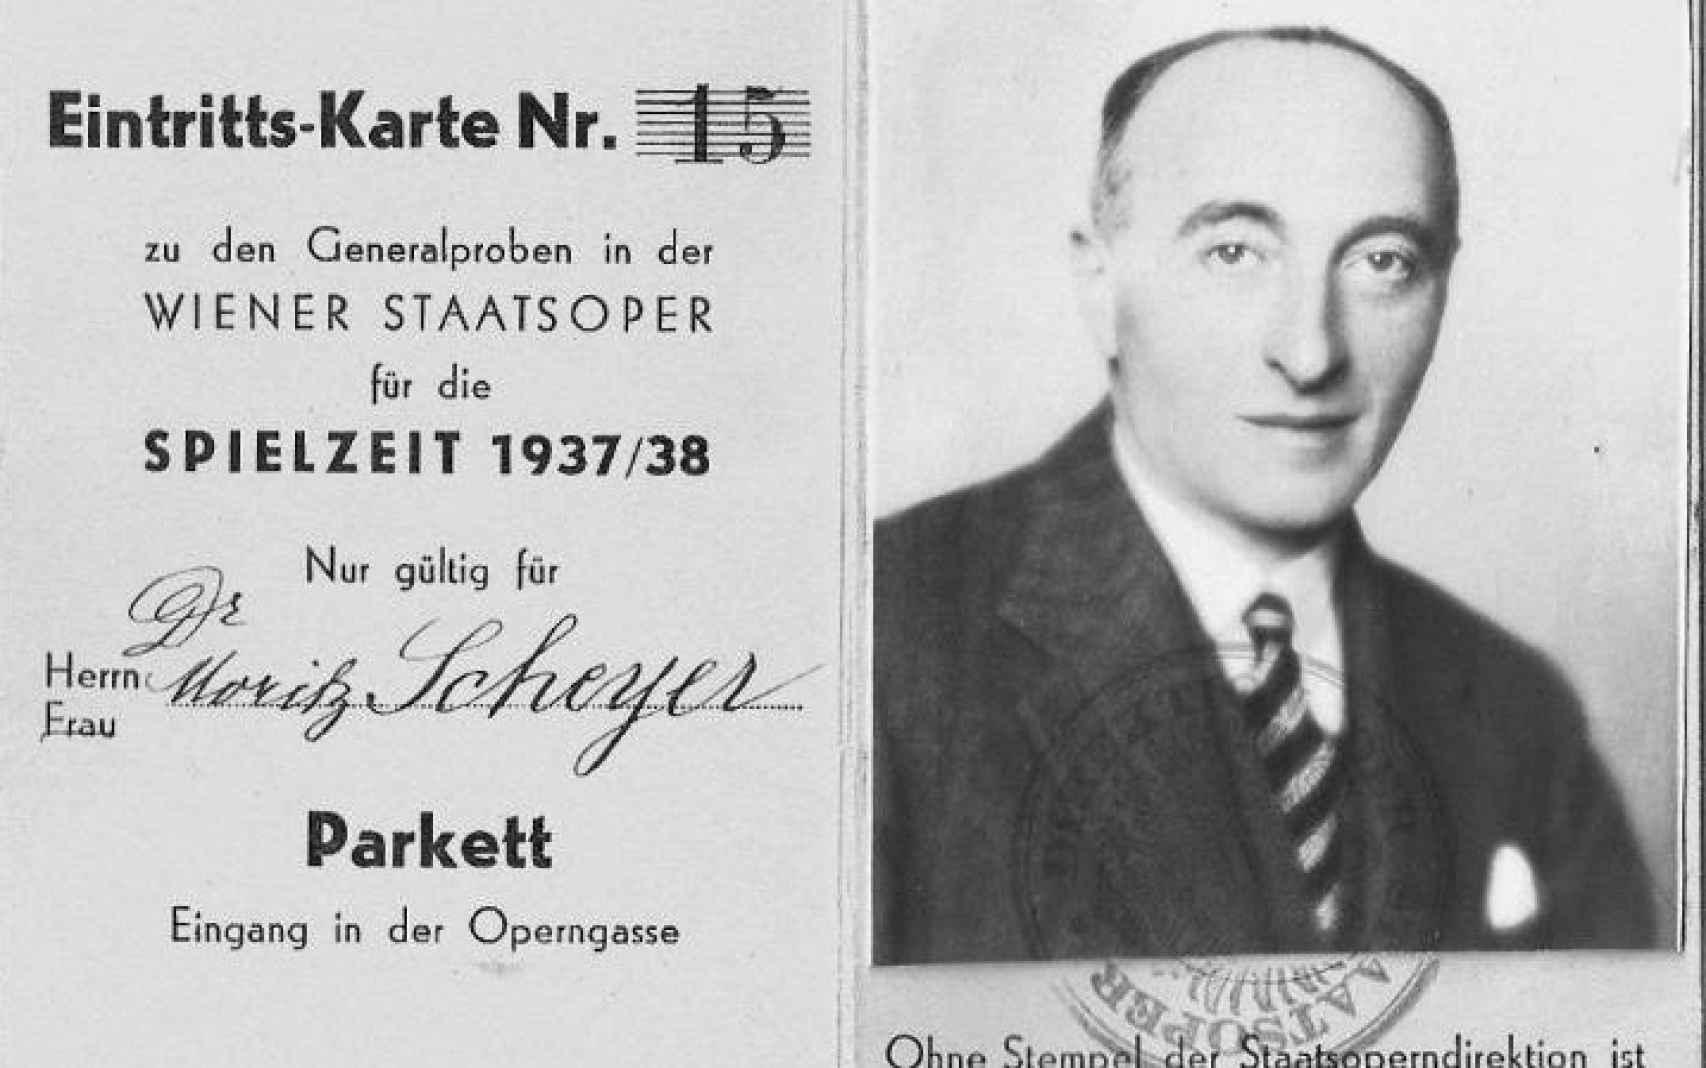 Pase a la ópera de Moriz Scheyer, de 1937.